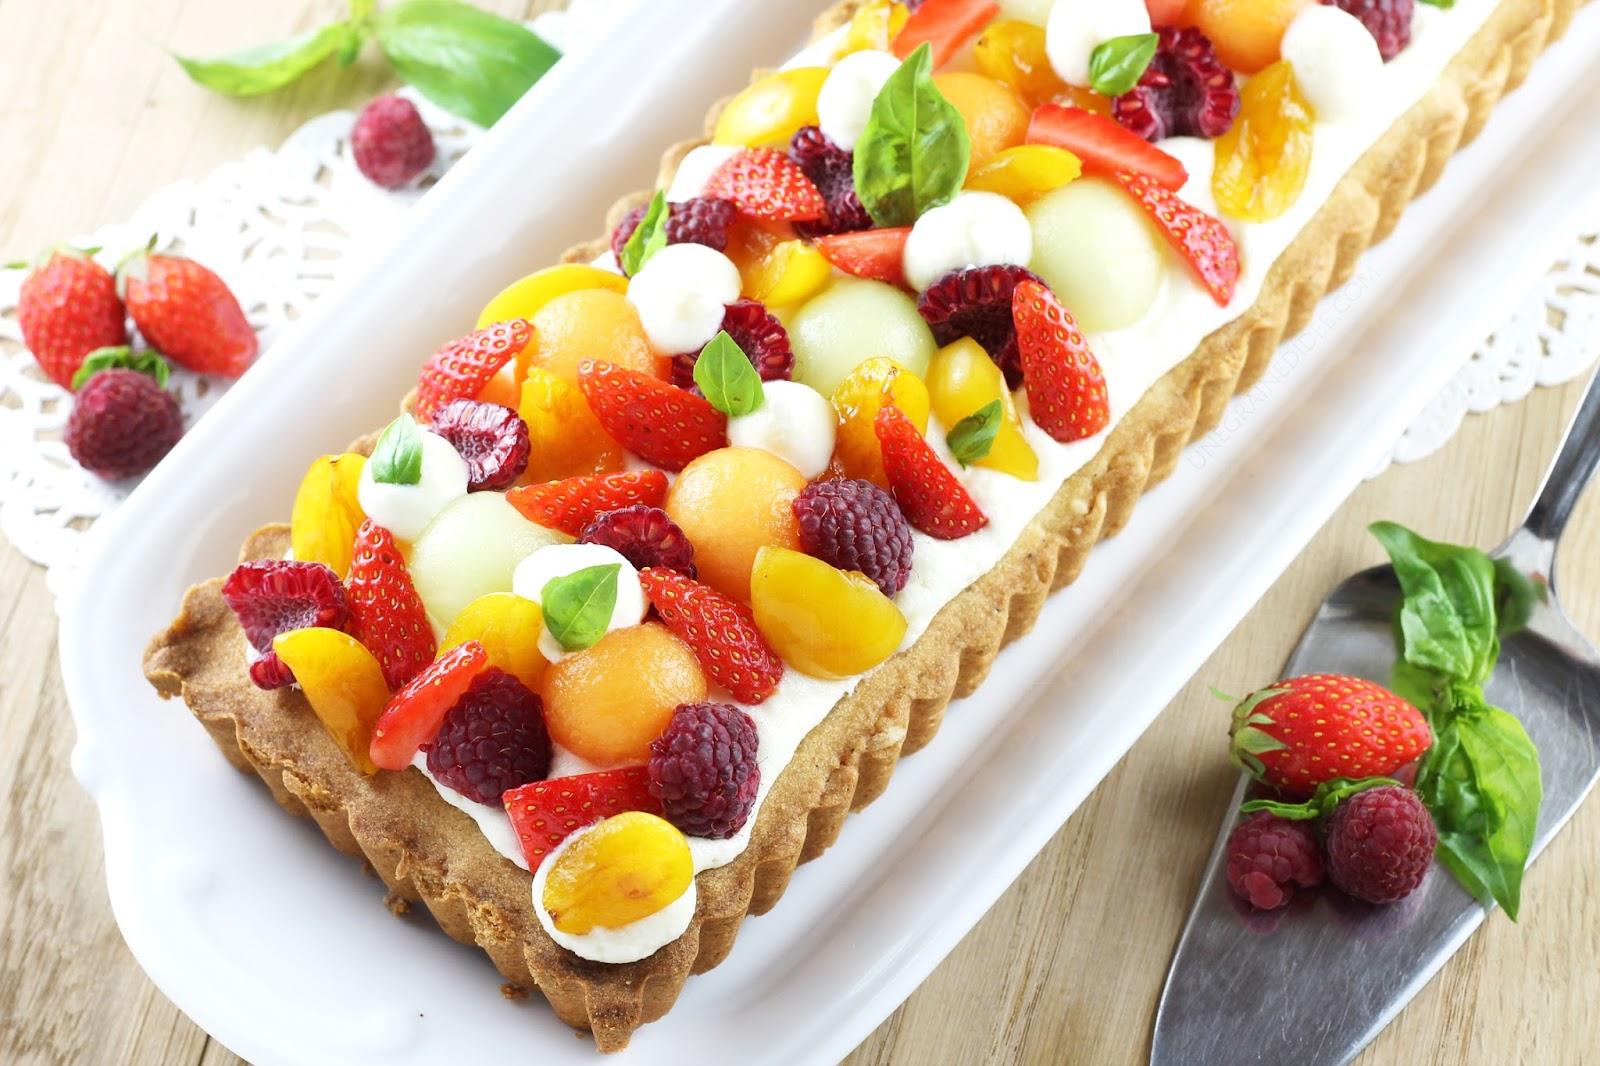 Tarte Sablée à la Mousse Légère au Chocolat blanc et aux Fruits d'été | Une Graine d'Idée